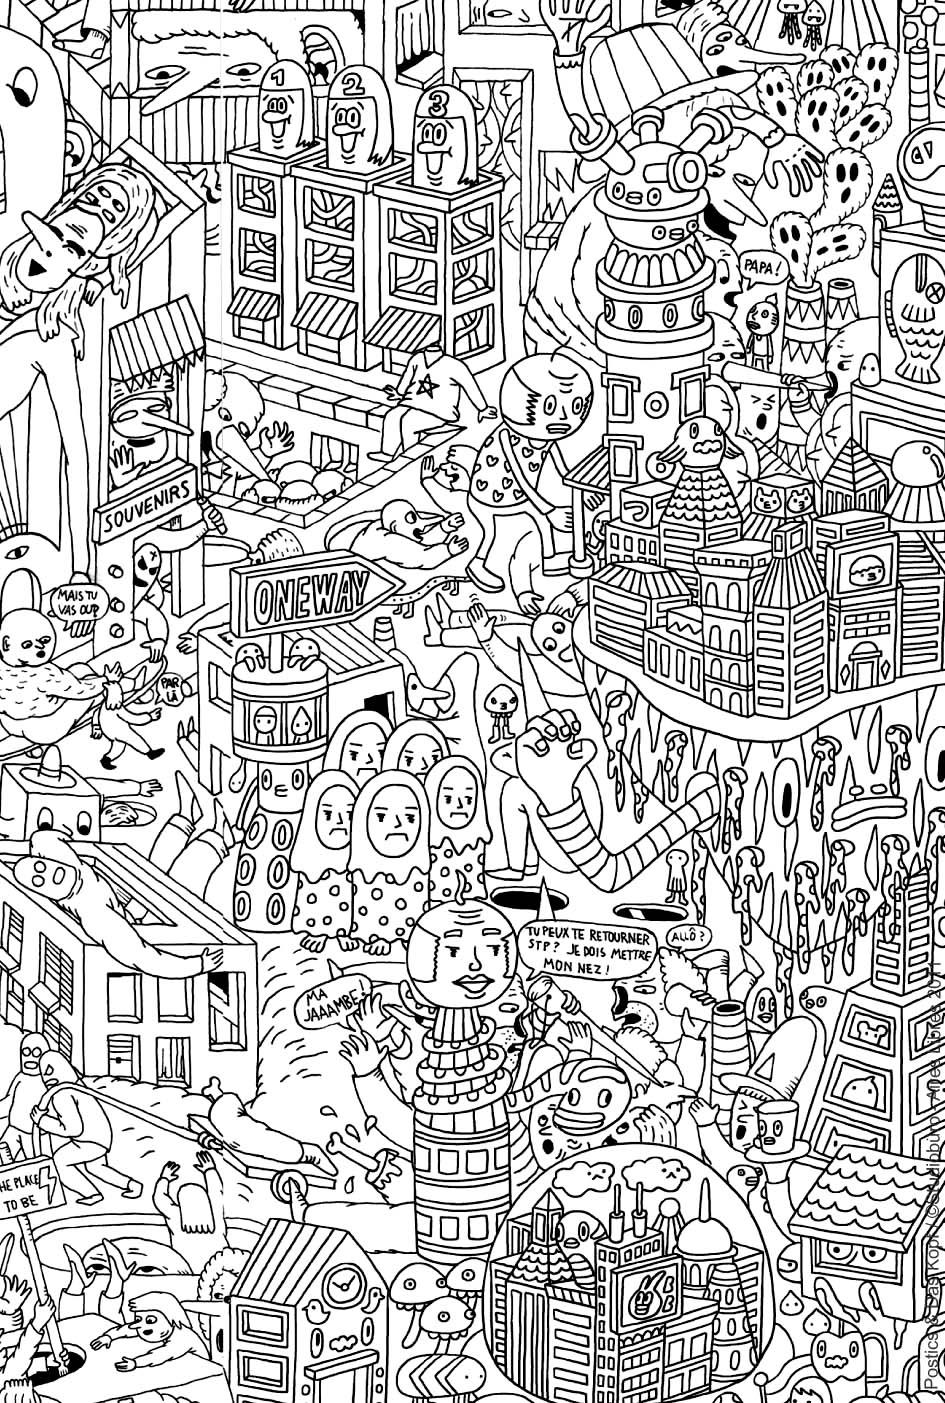 Toujours dans la série des coloriages complexes mais hallucinants (et hallucinés), voici une autre image gratuite à colorier